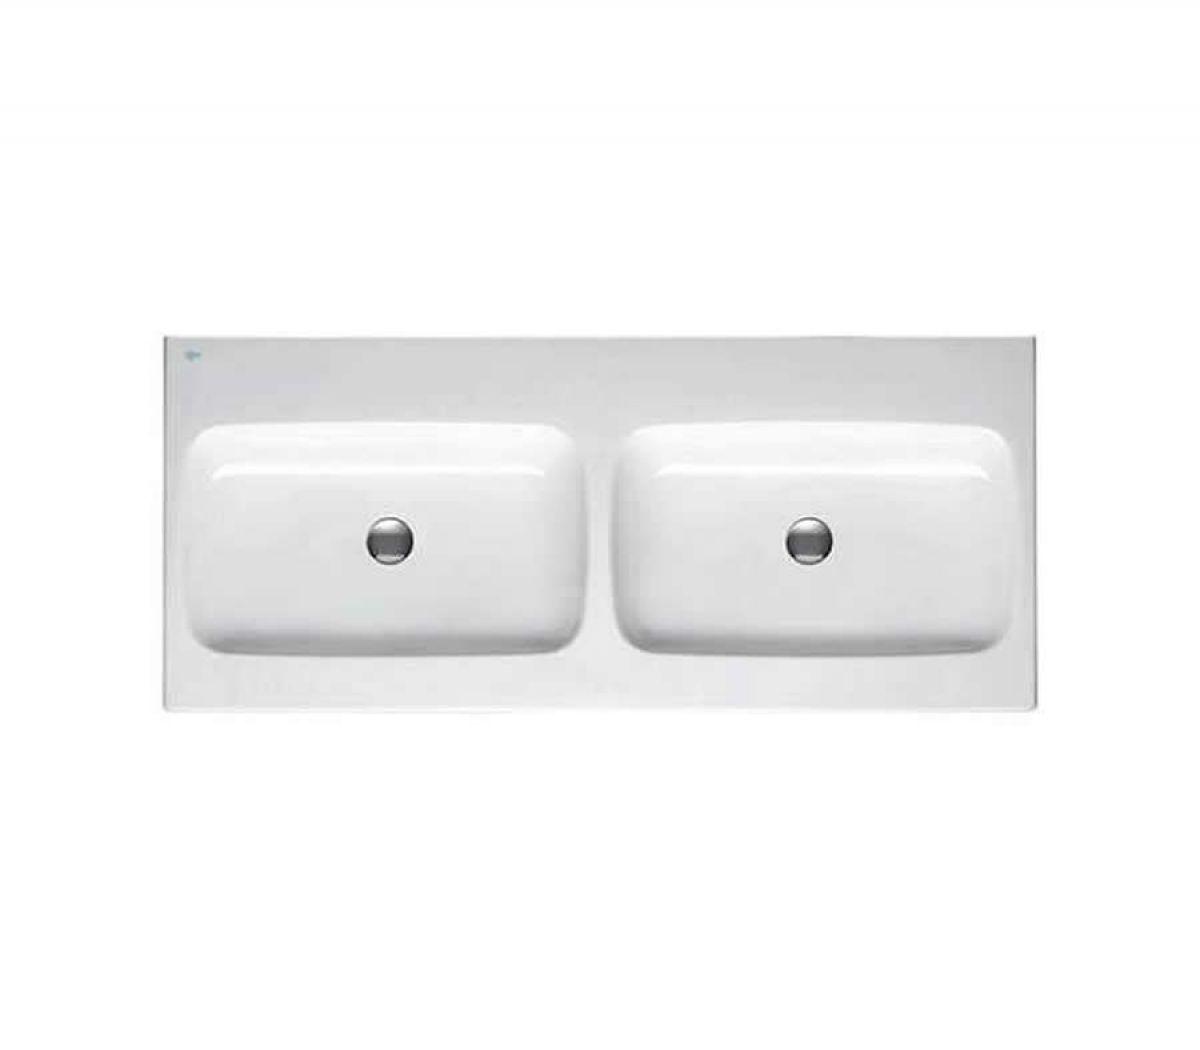 ideal standard simplyu dynamic 1200mm double basin uk. Black Bedroom Furniture Sets. Home Design Ideas